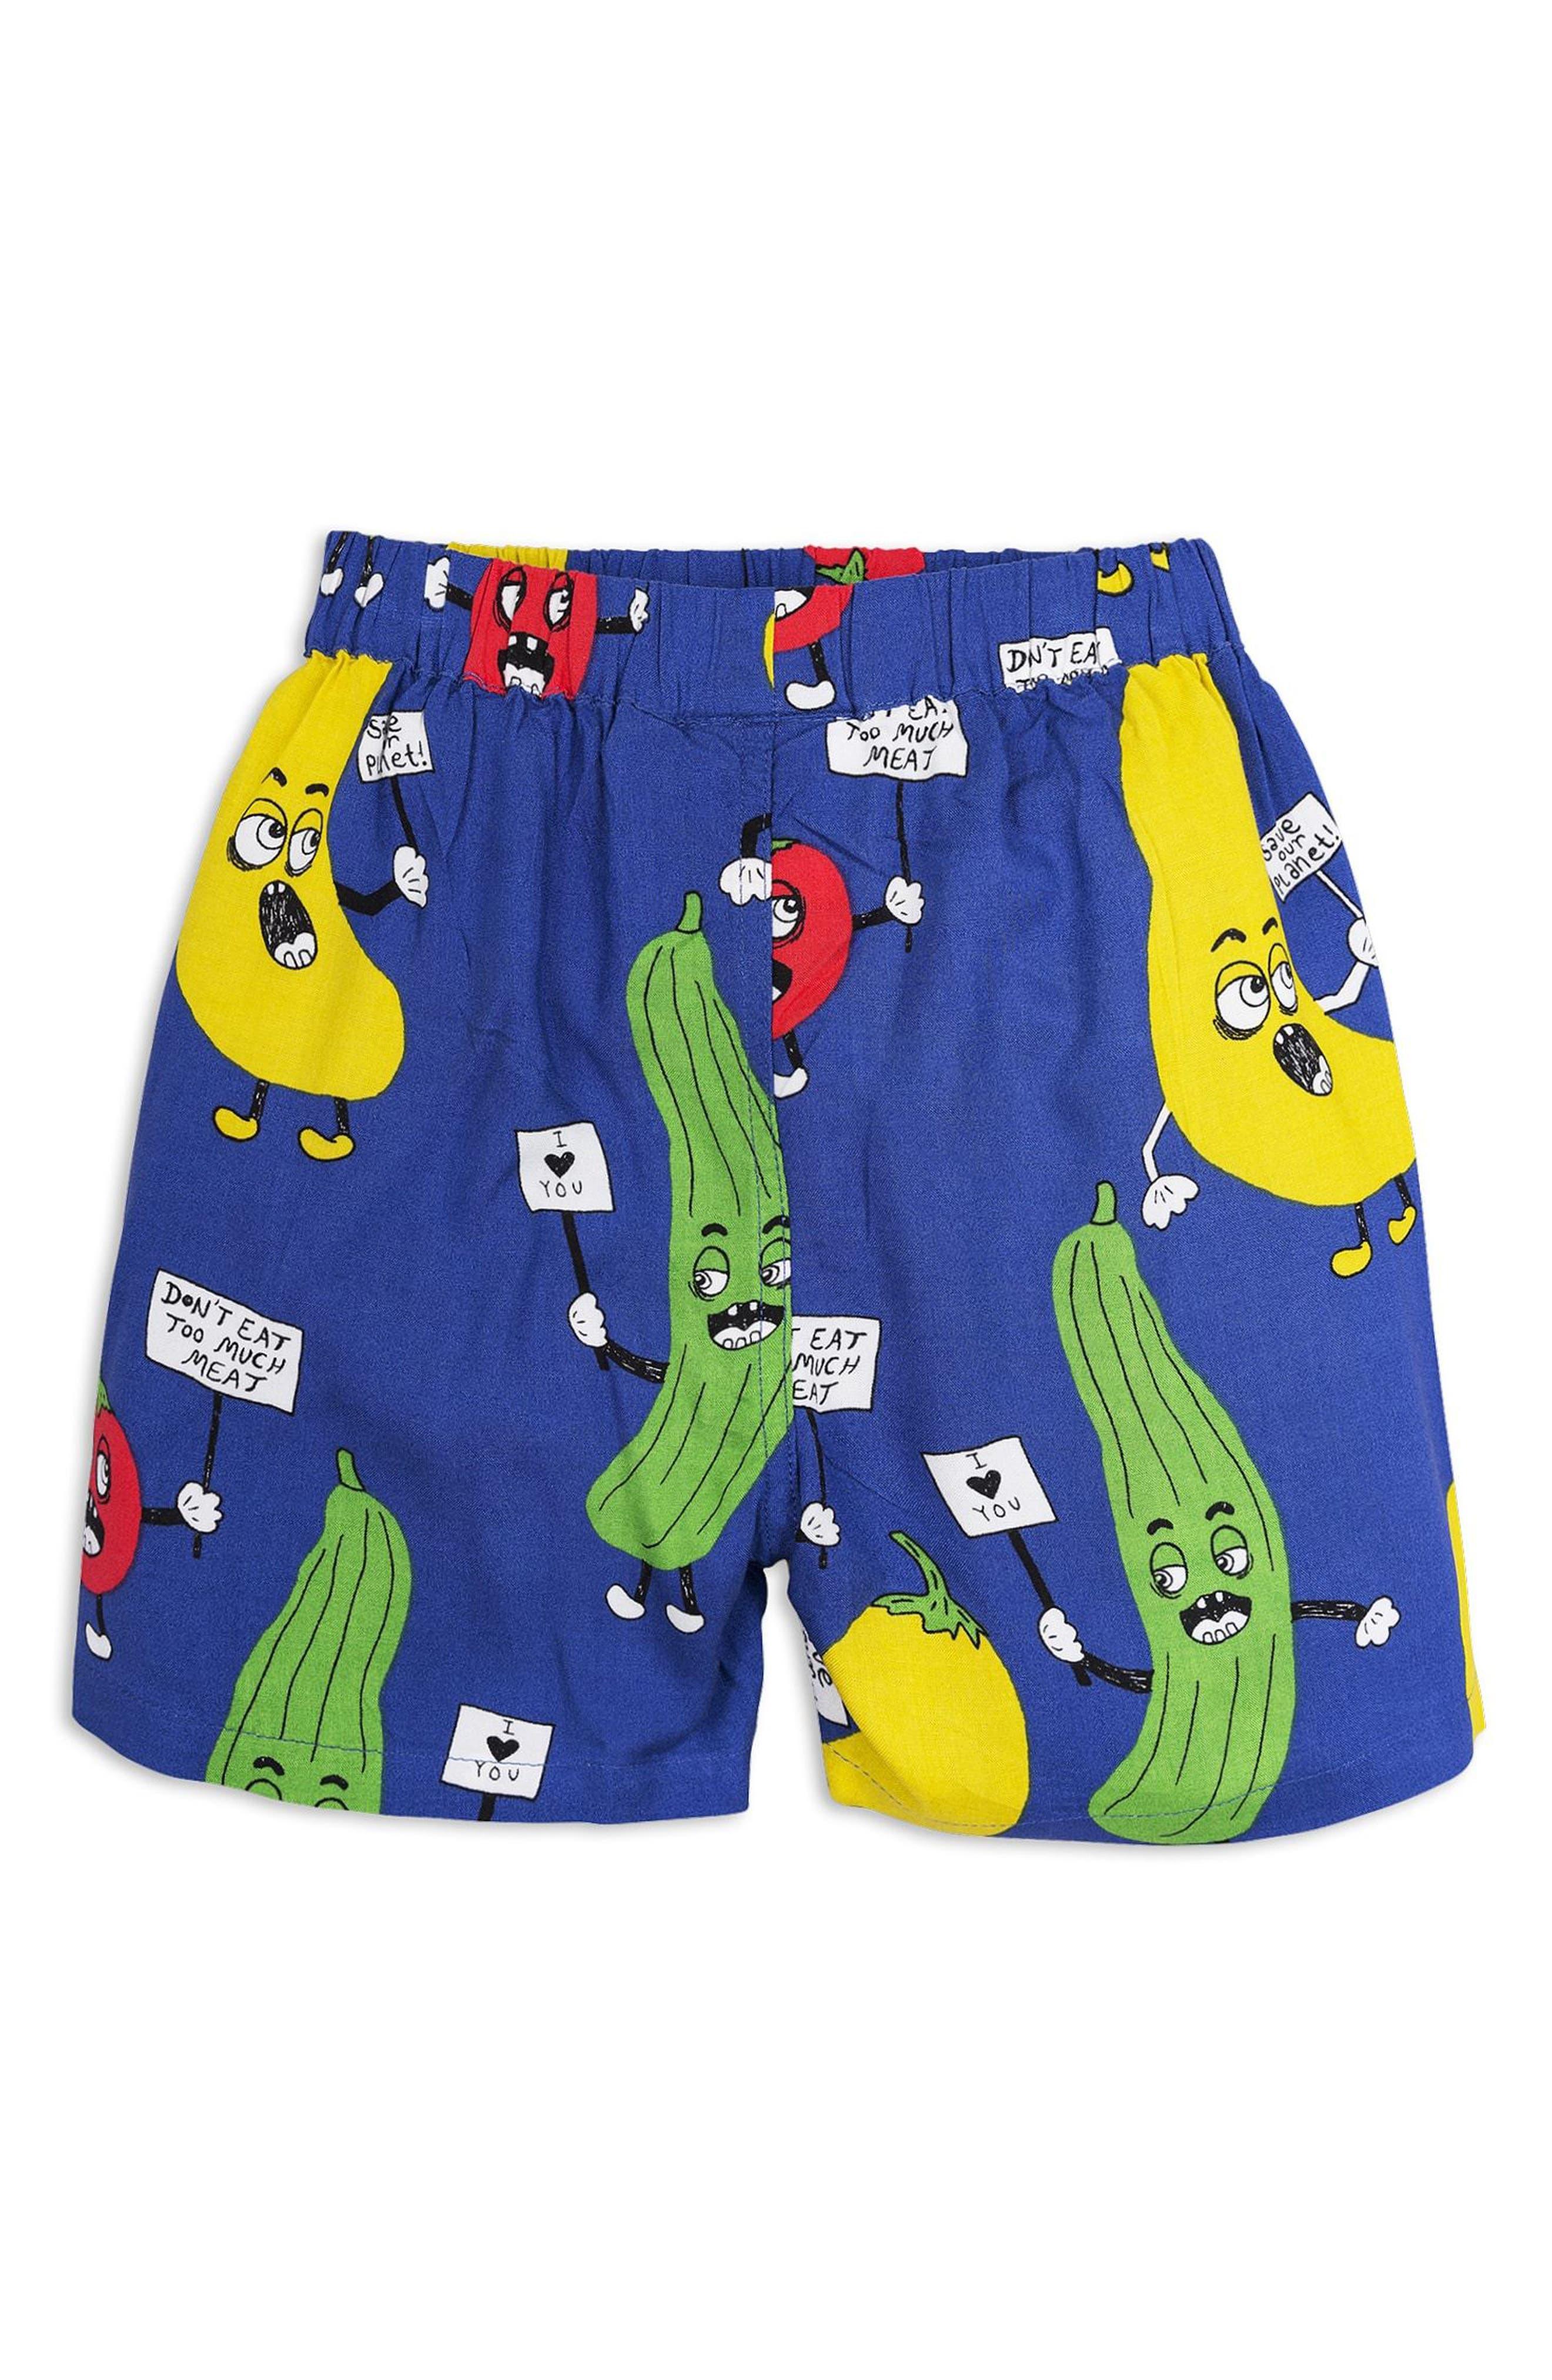 Veggie Woven Shorts,                         Main,                         color, Blue